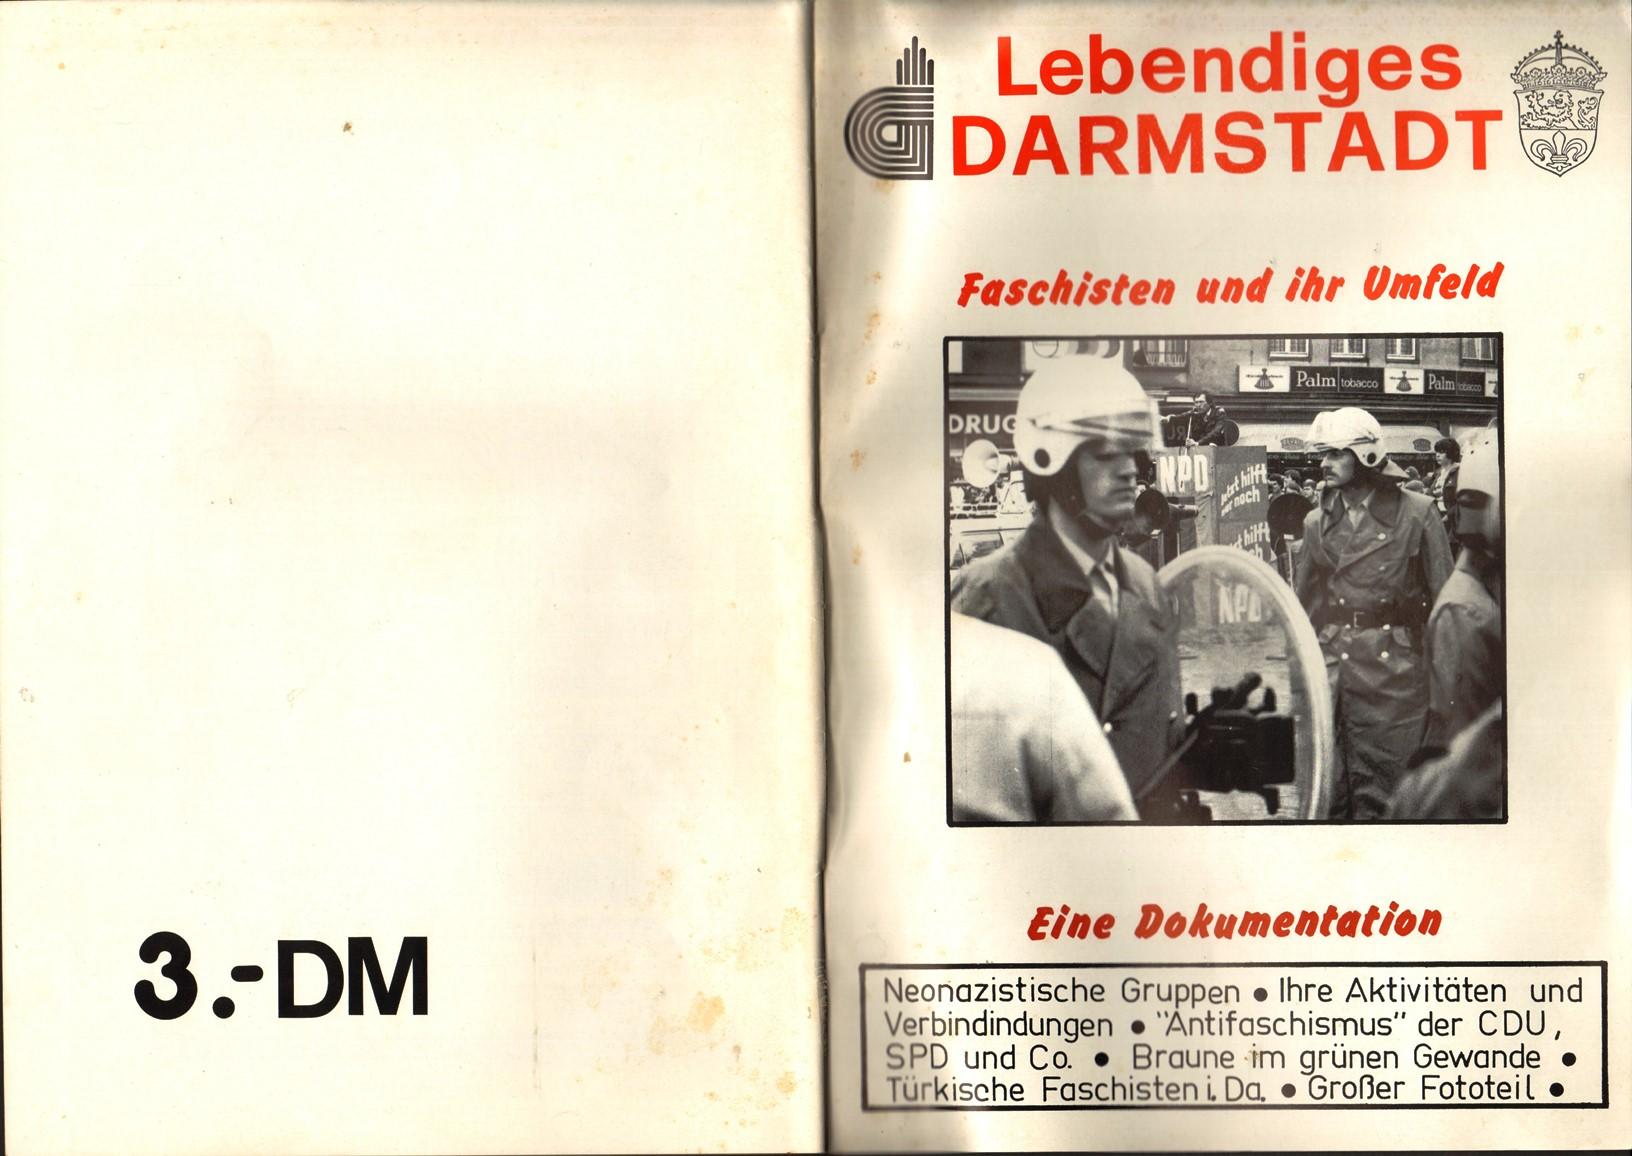 Darmstadt_KB_1979_Faschisten_und_ihr_Umfeld_01